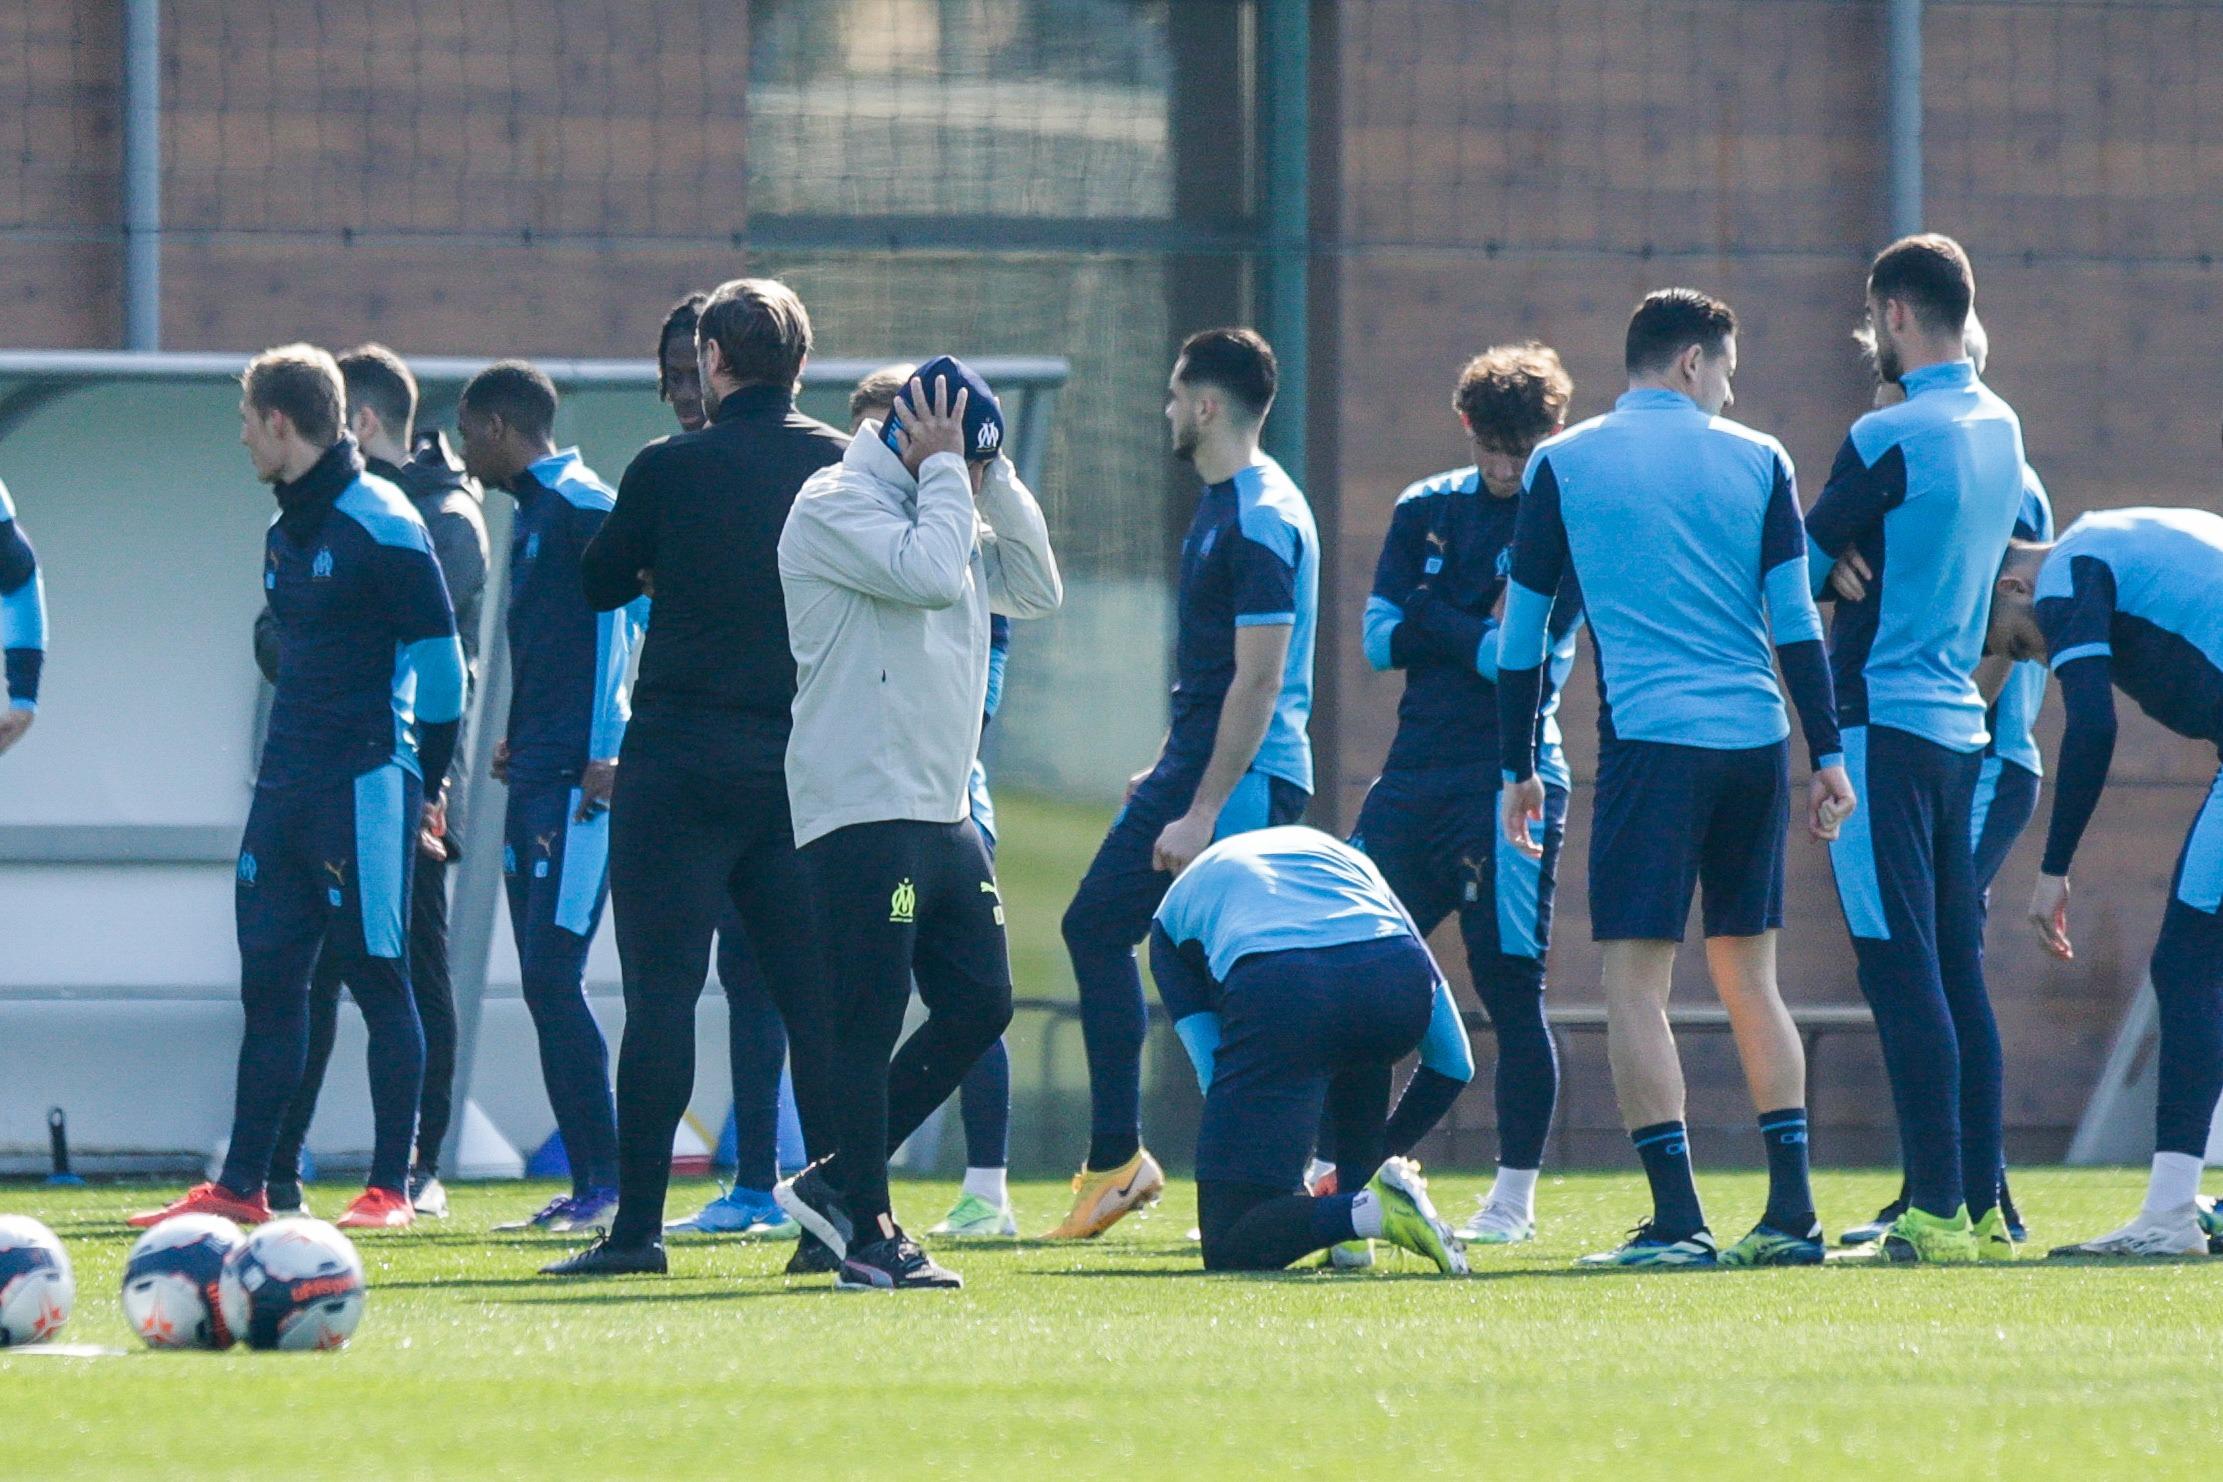 OM - Dès la 36ème journée, Marseille sera dans le top 5